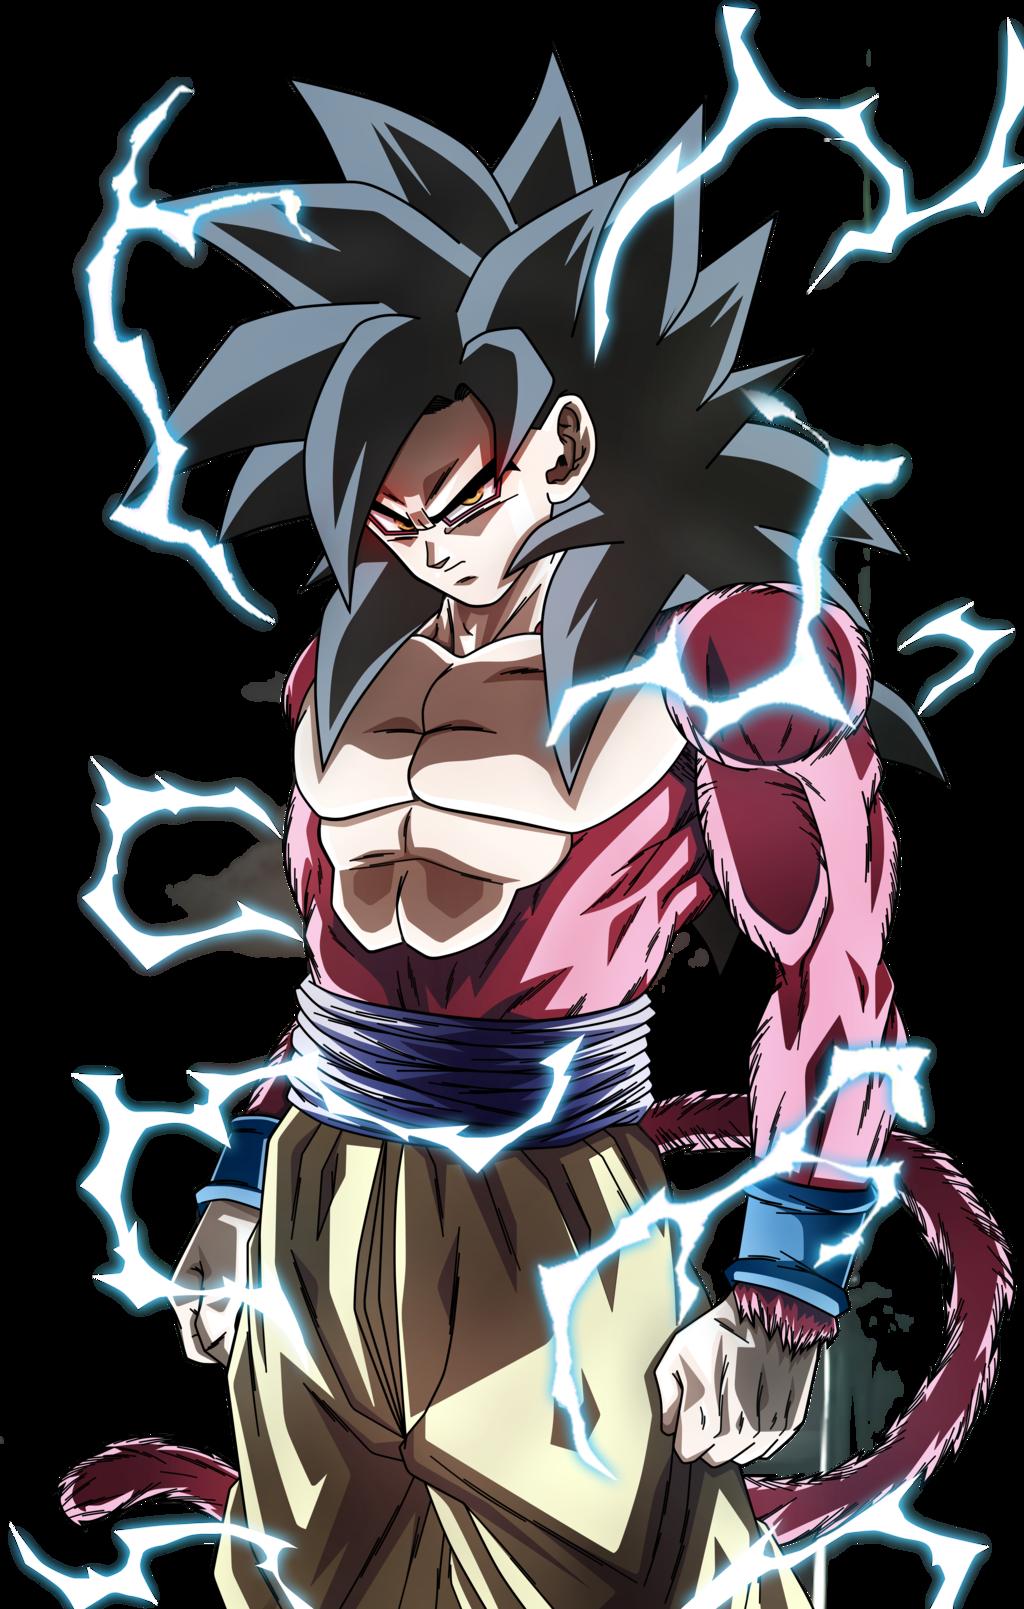 Goku X Saiyajinas Capitulo 2 El Entrenanamiento Divino Y El Ssj4 Personajes De Goku Personajes De Dragon Ball Goku Super Saiyajin 4